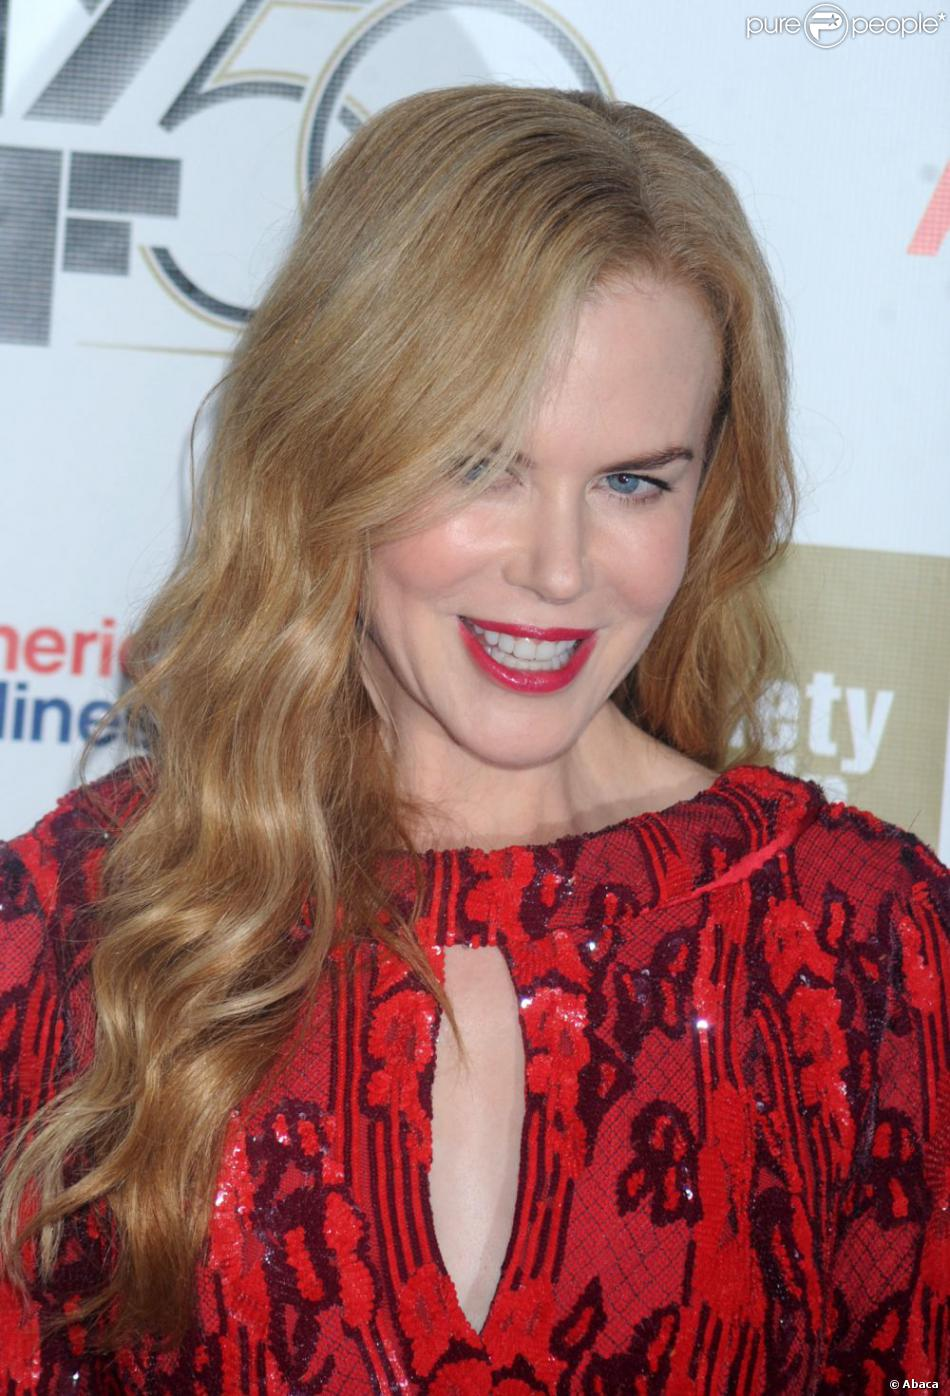 Nicole Kidman, honorée lors du gala de la Film Society of Lincoln Center à New York, le 3 octobre 2012.